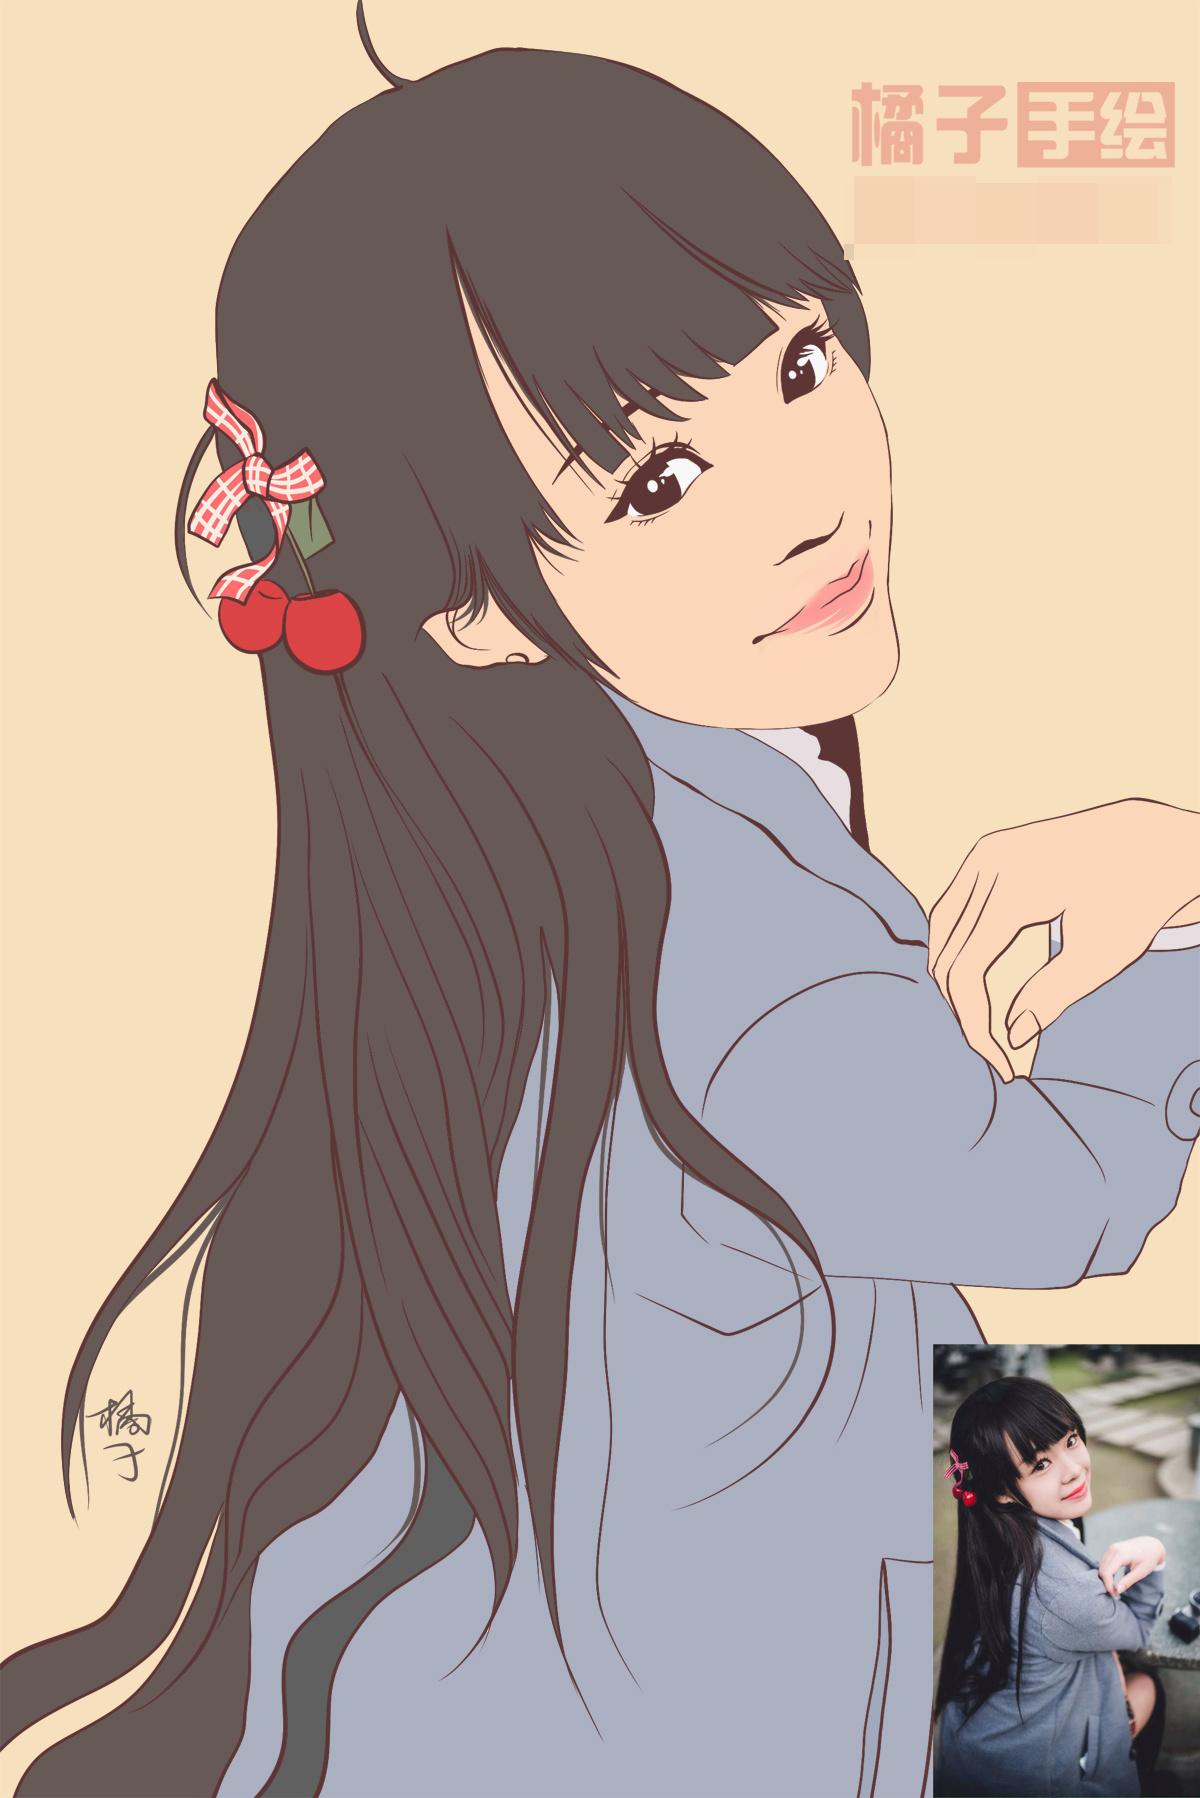 【原创作品】真人手绘单色插画